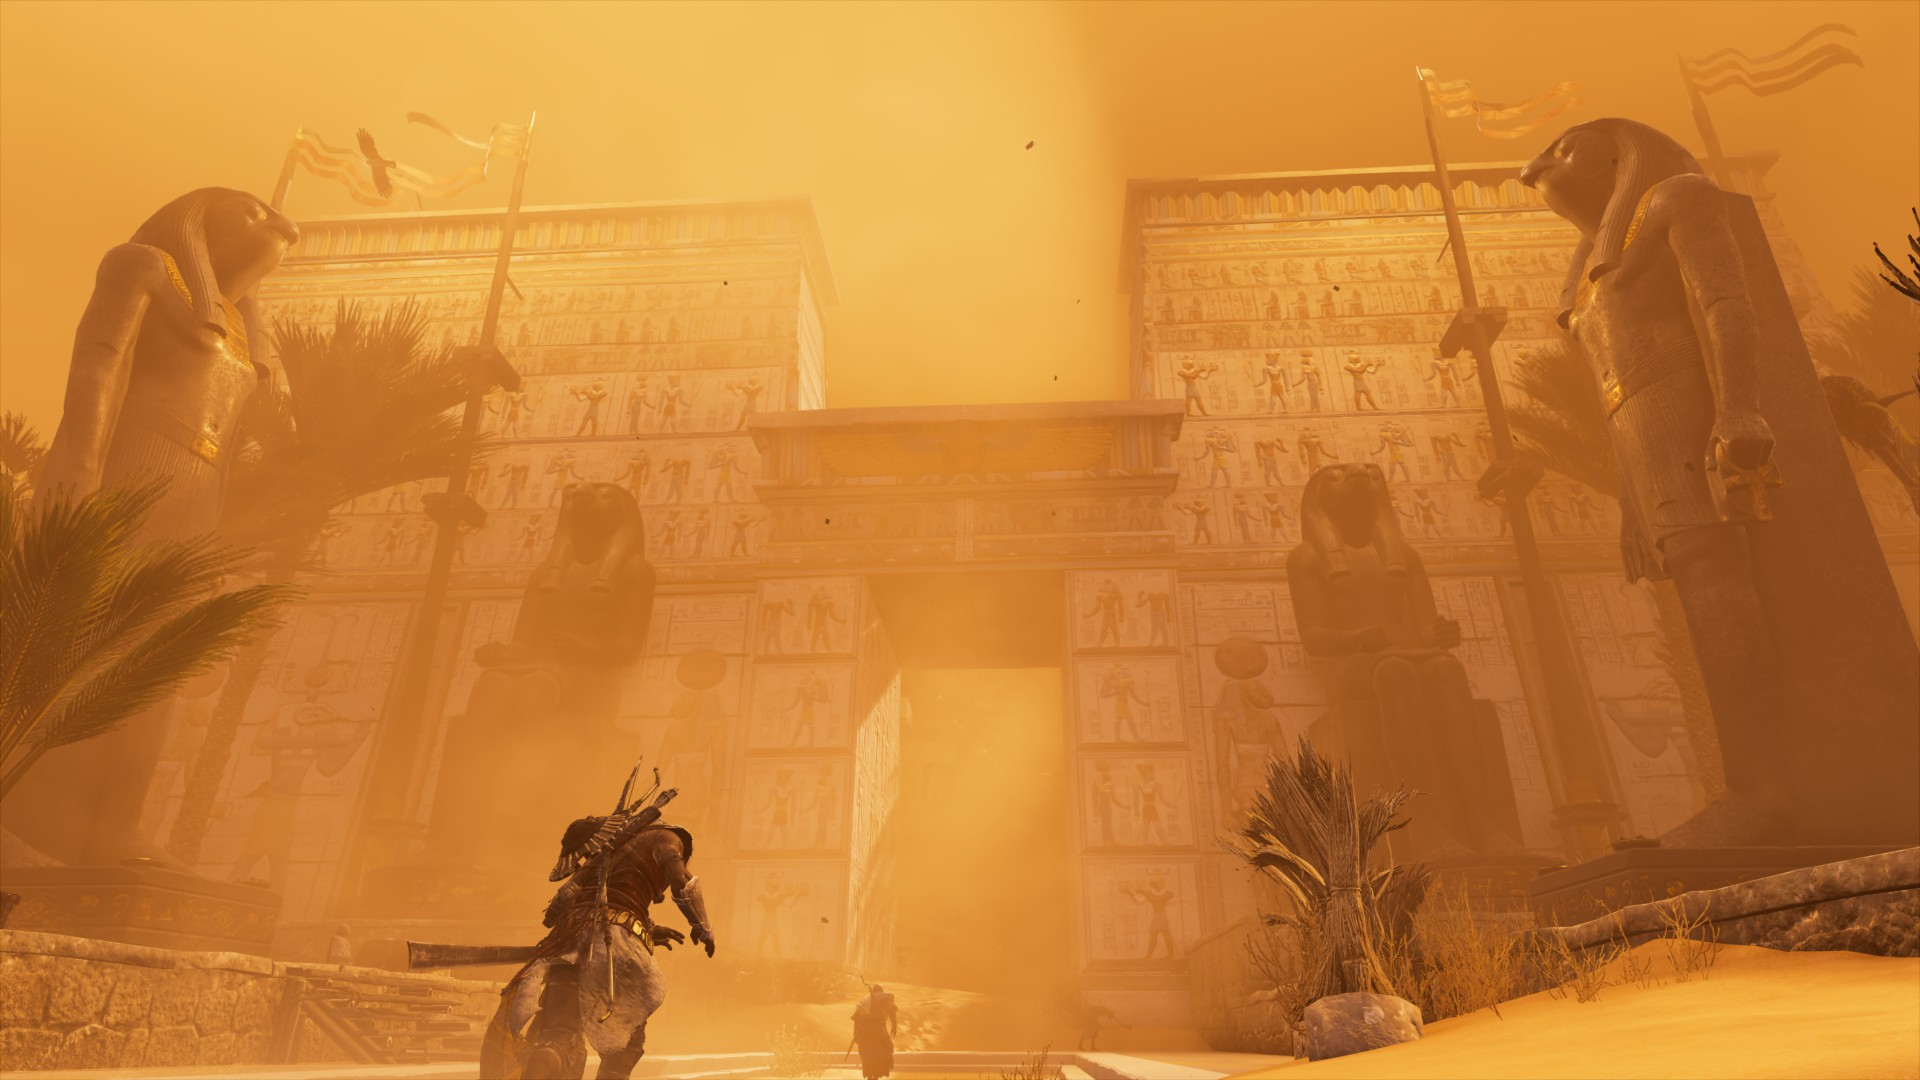 20171031213043_1.jpg - Assassin's Creed: Origins